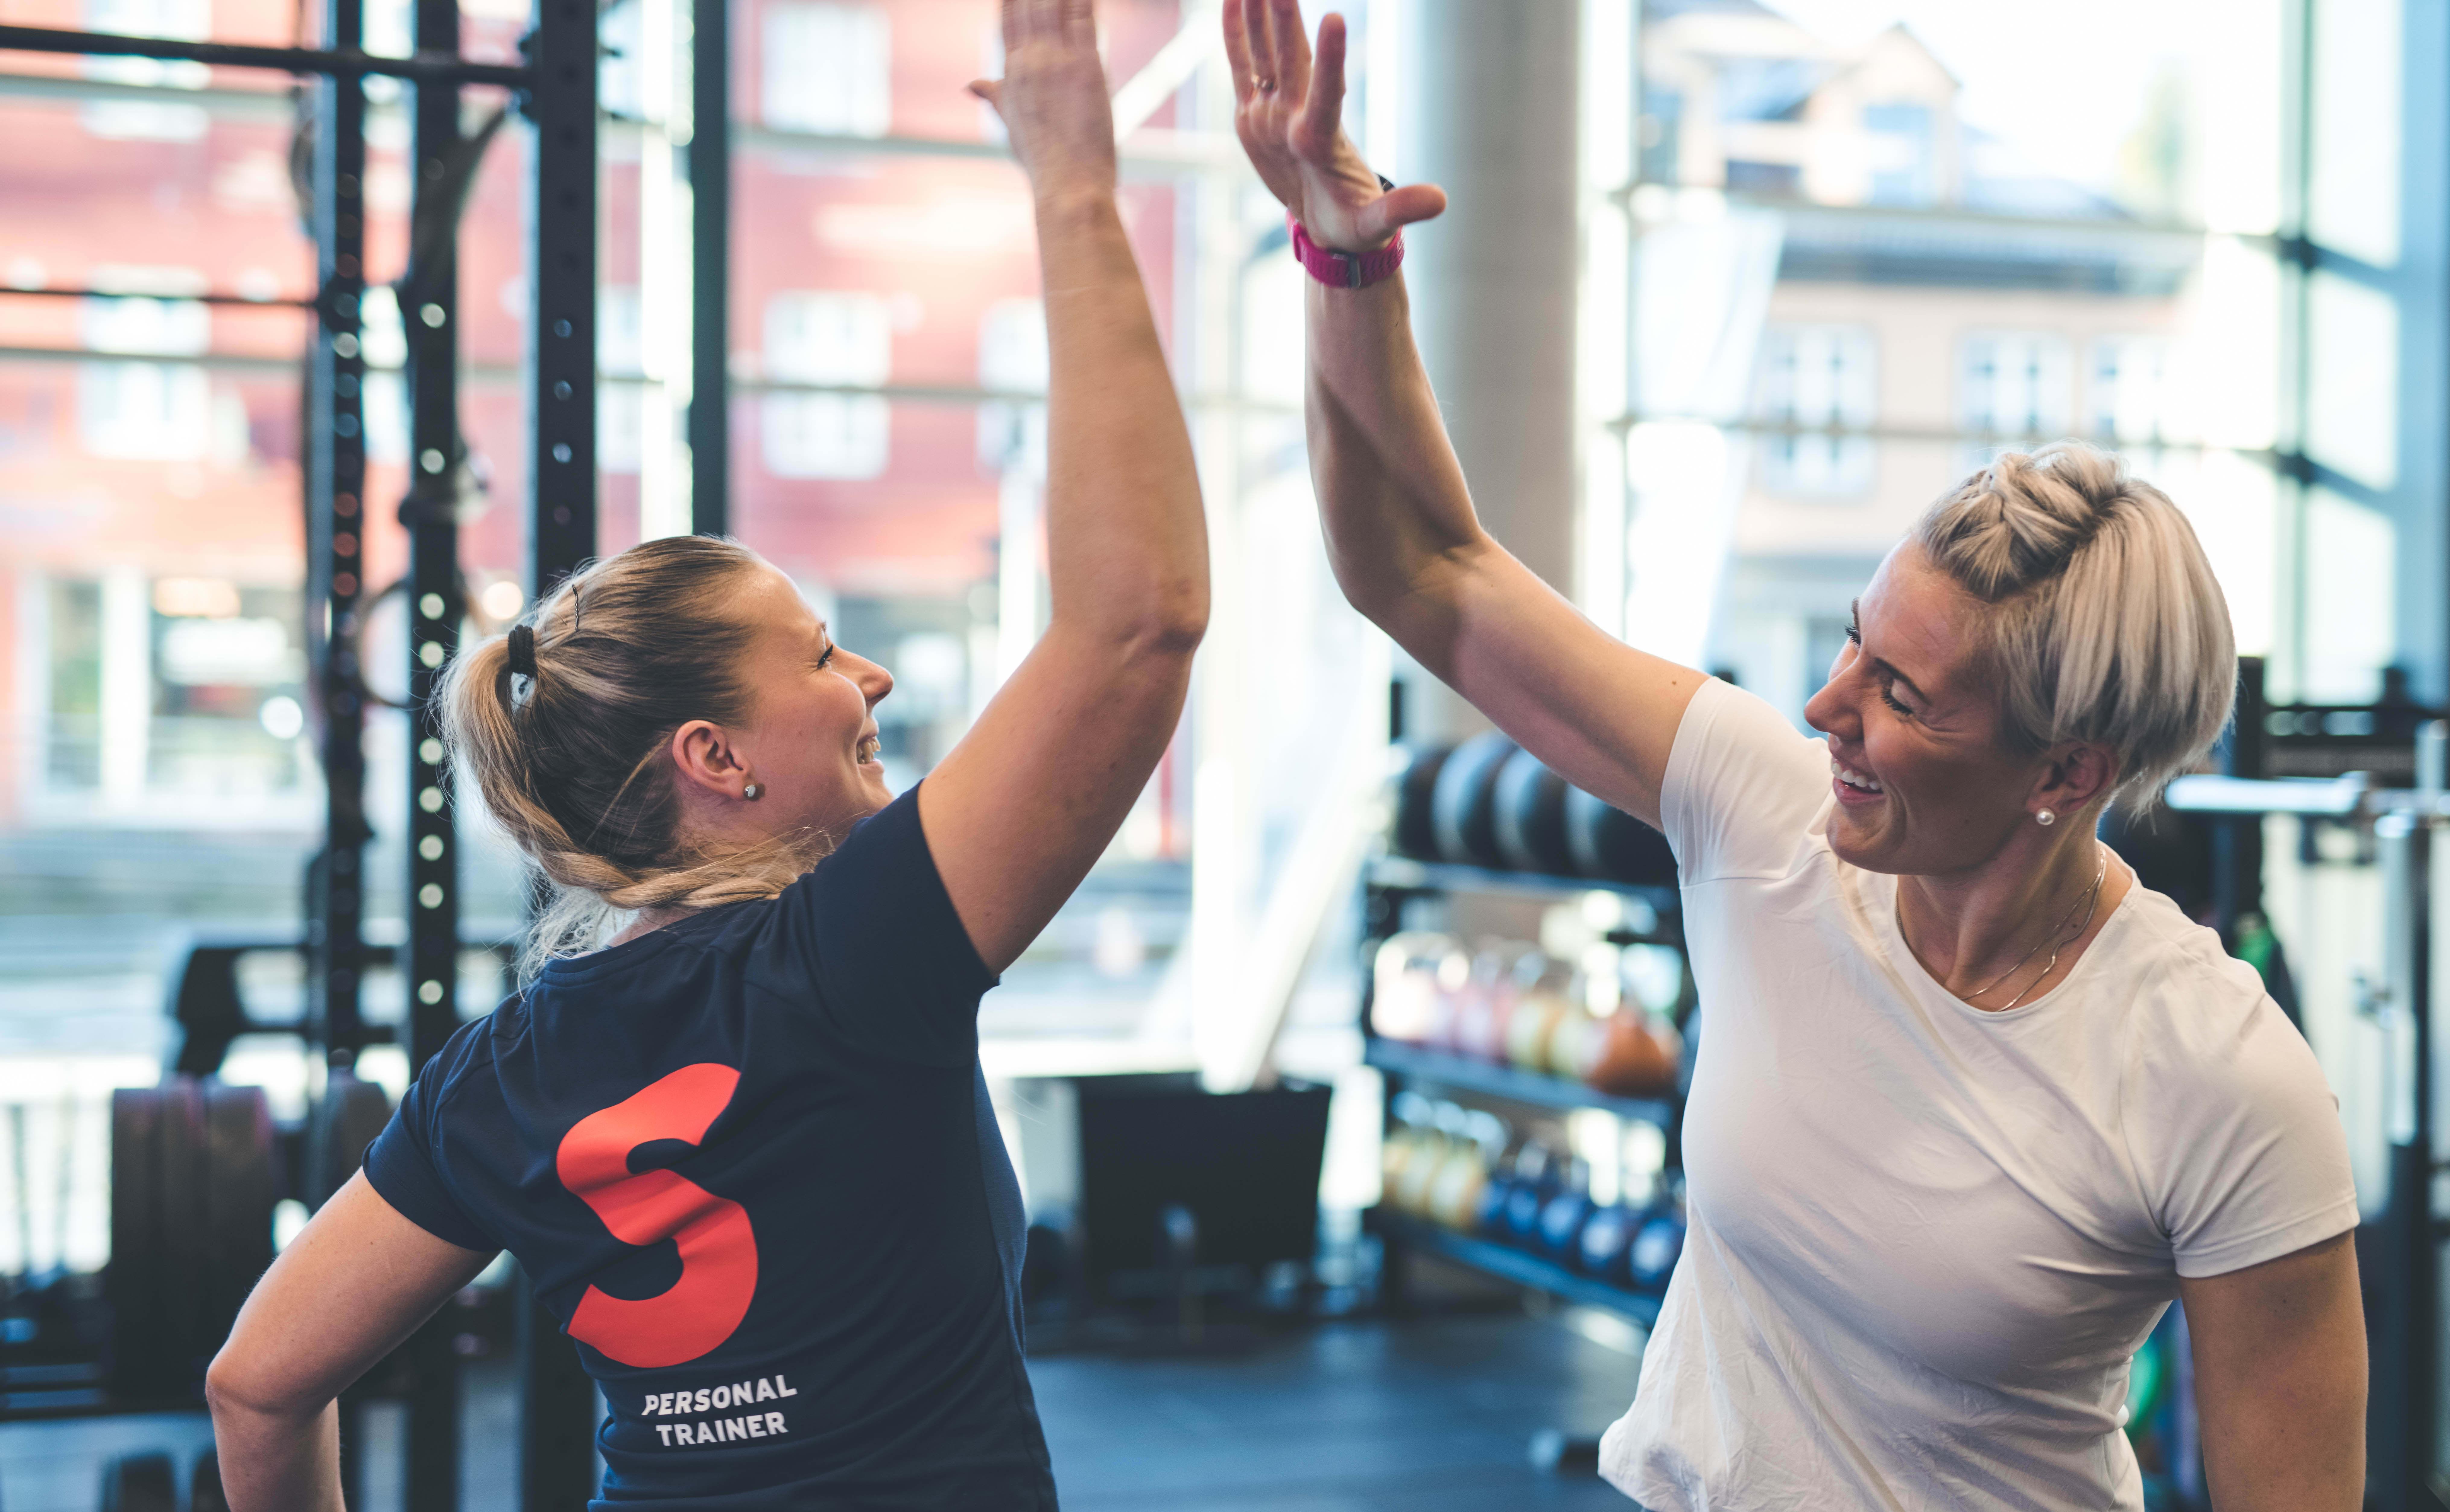 Personal Trainer opettaa ja kannustaa